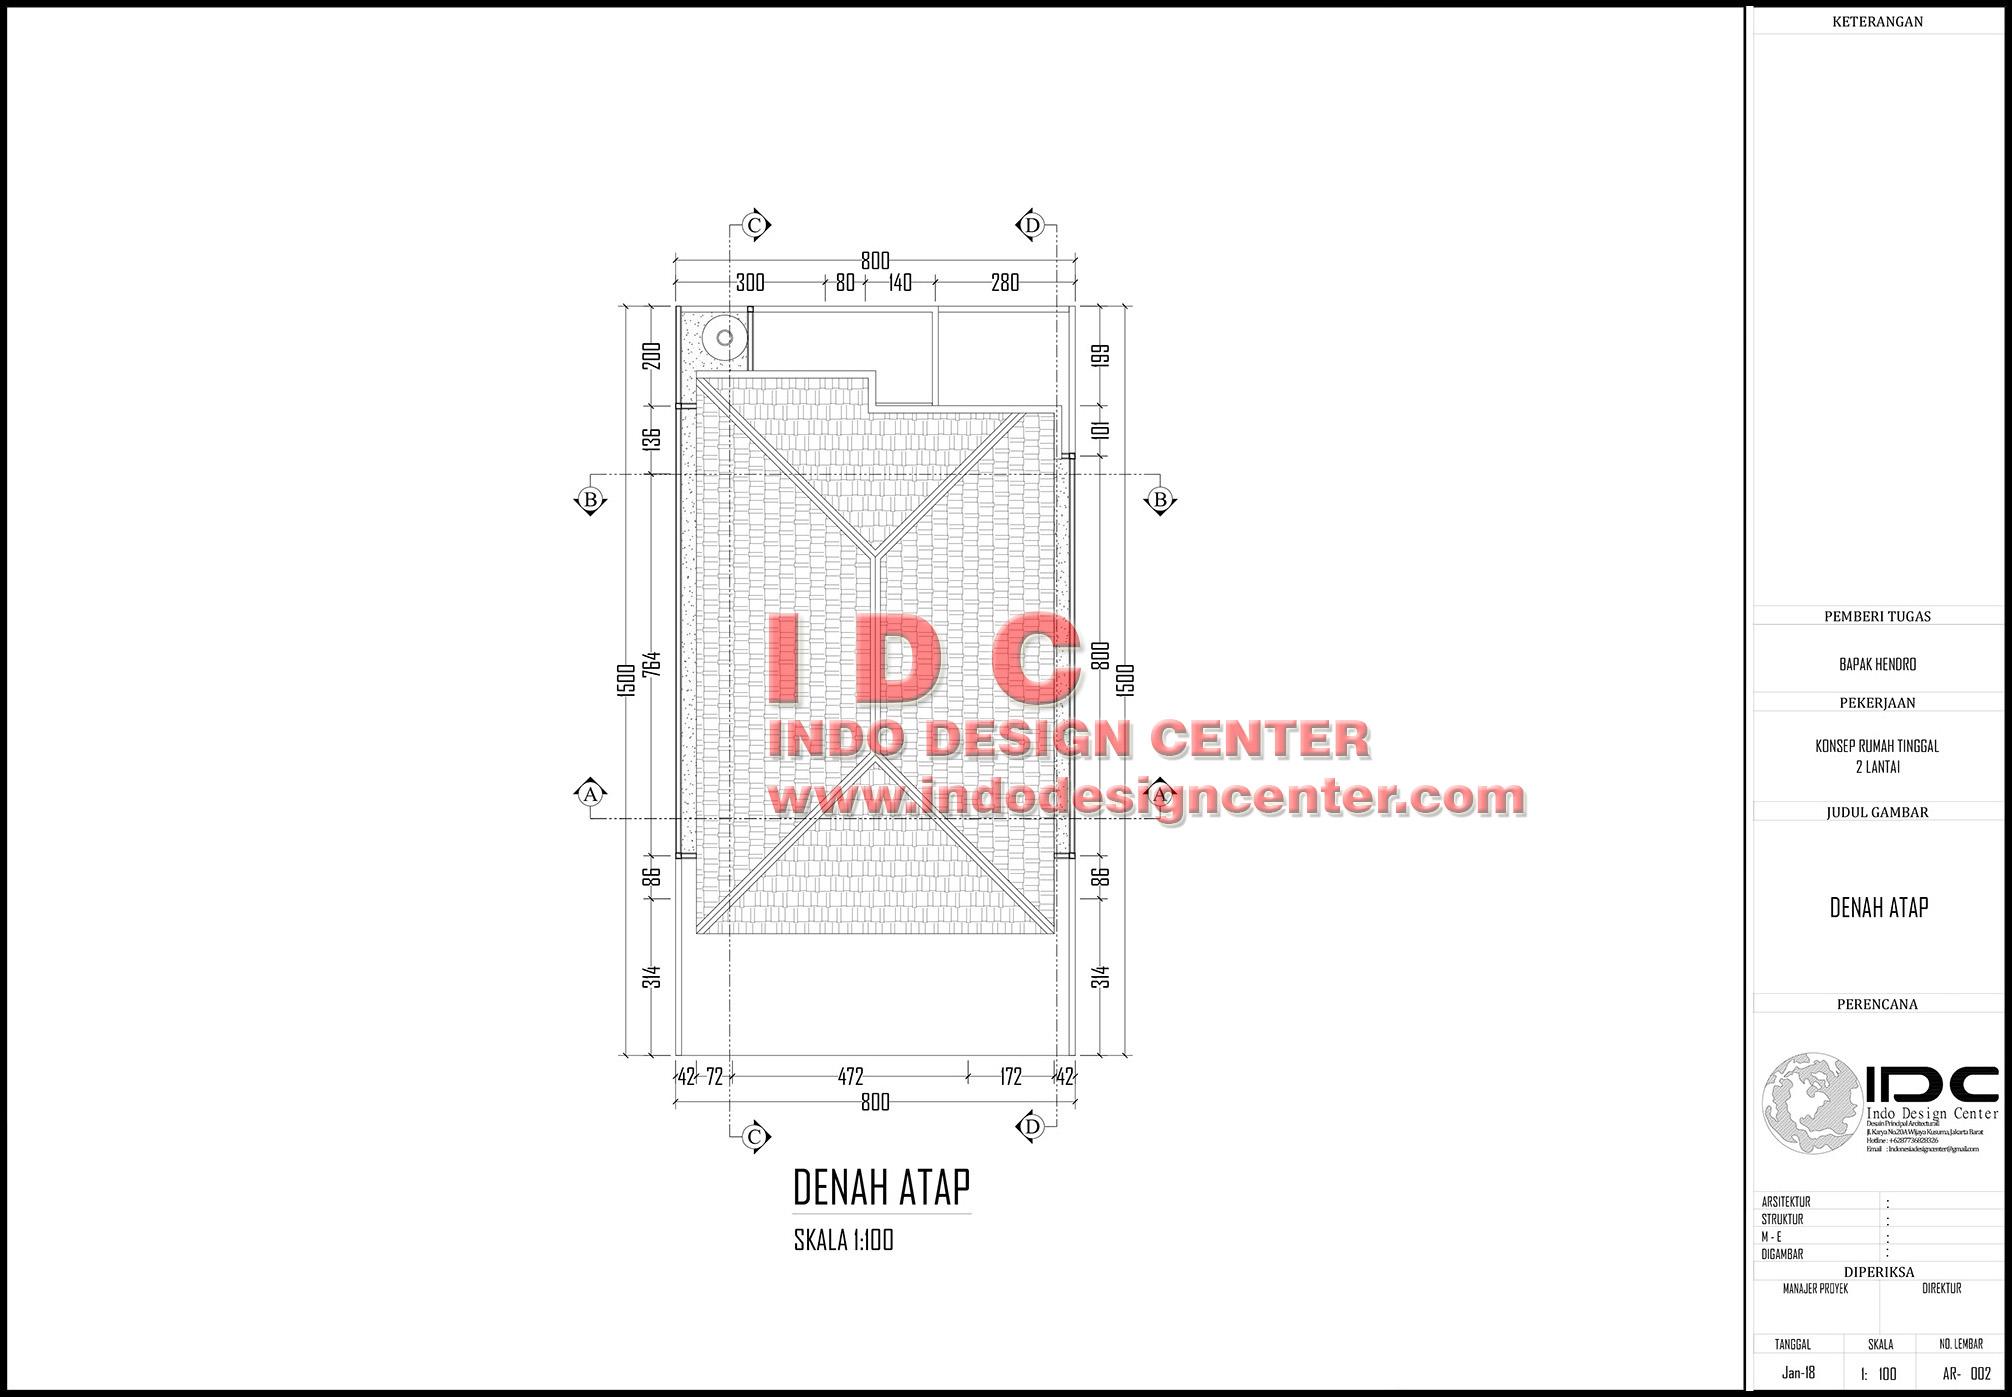 Contoh Gambar Kerja Lengkap Rumah Minimalis 2 Lantai Hal 002 INDO